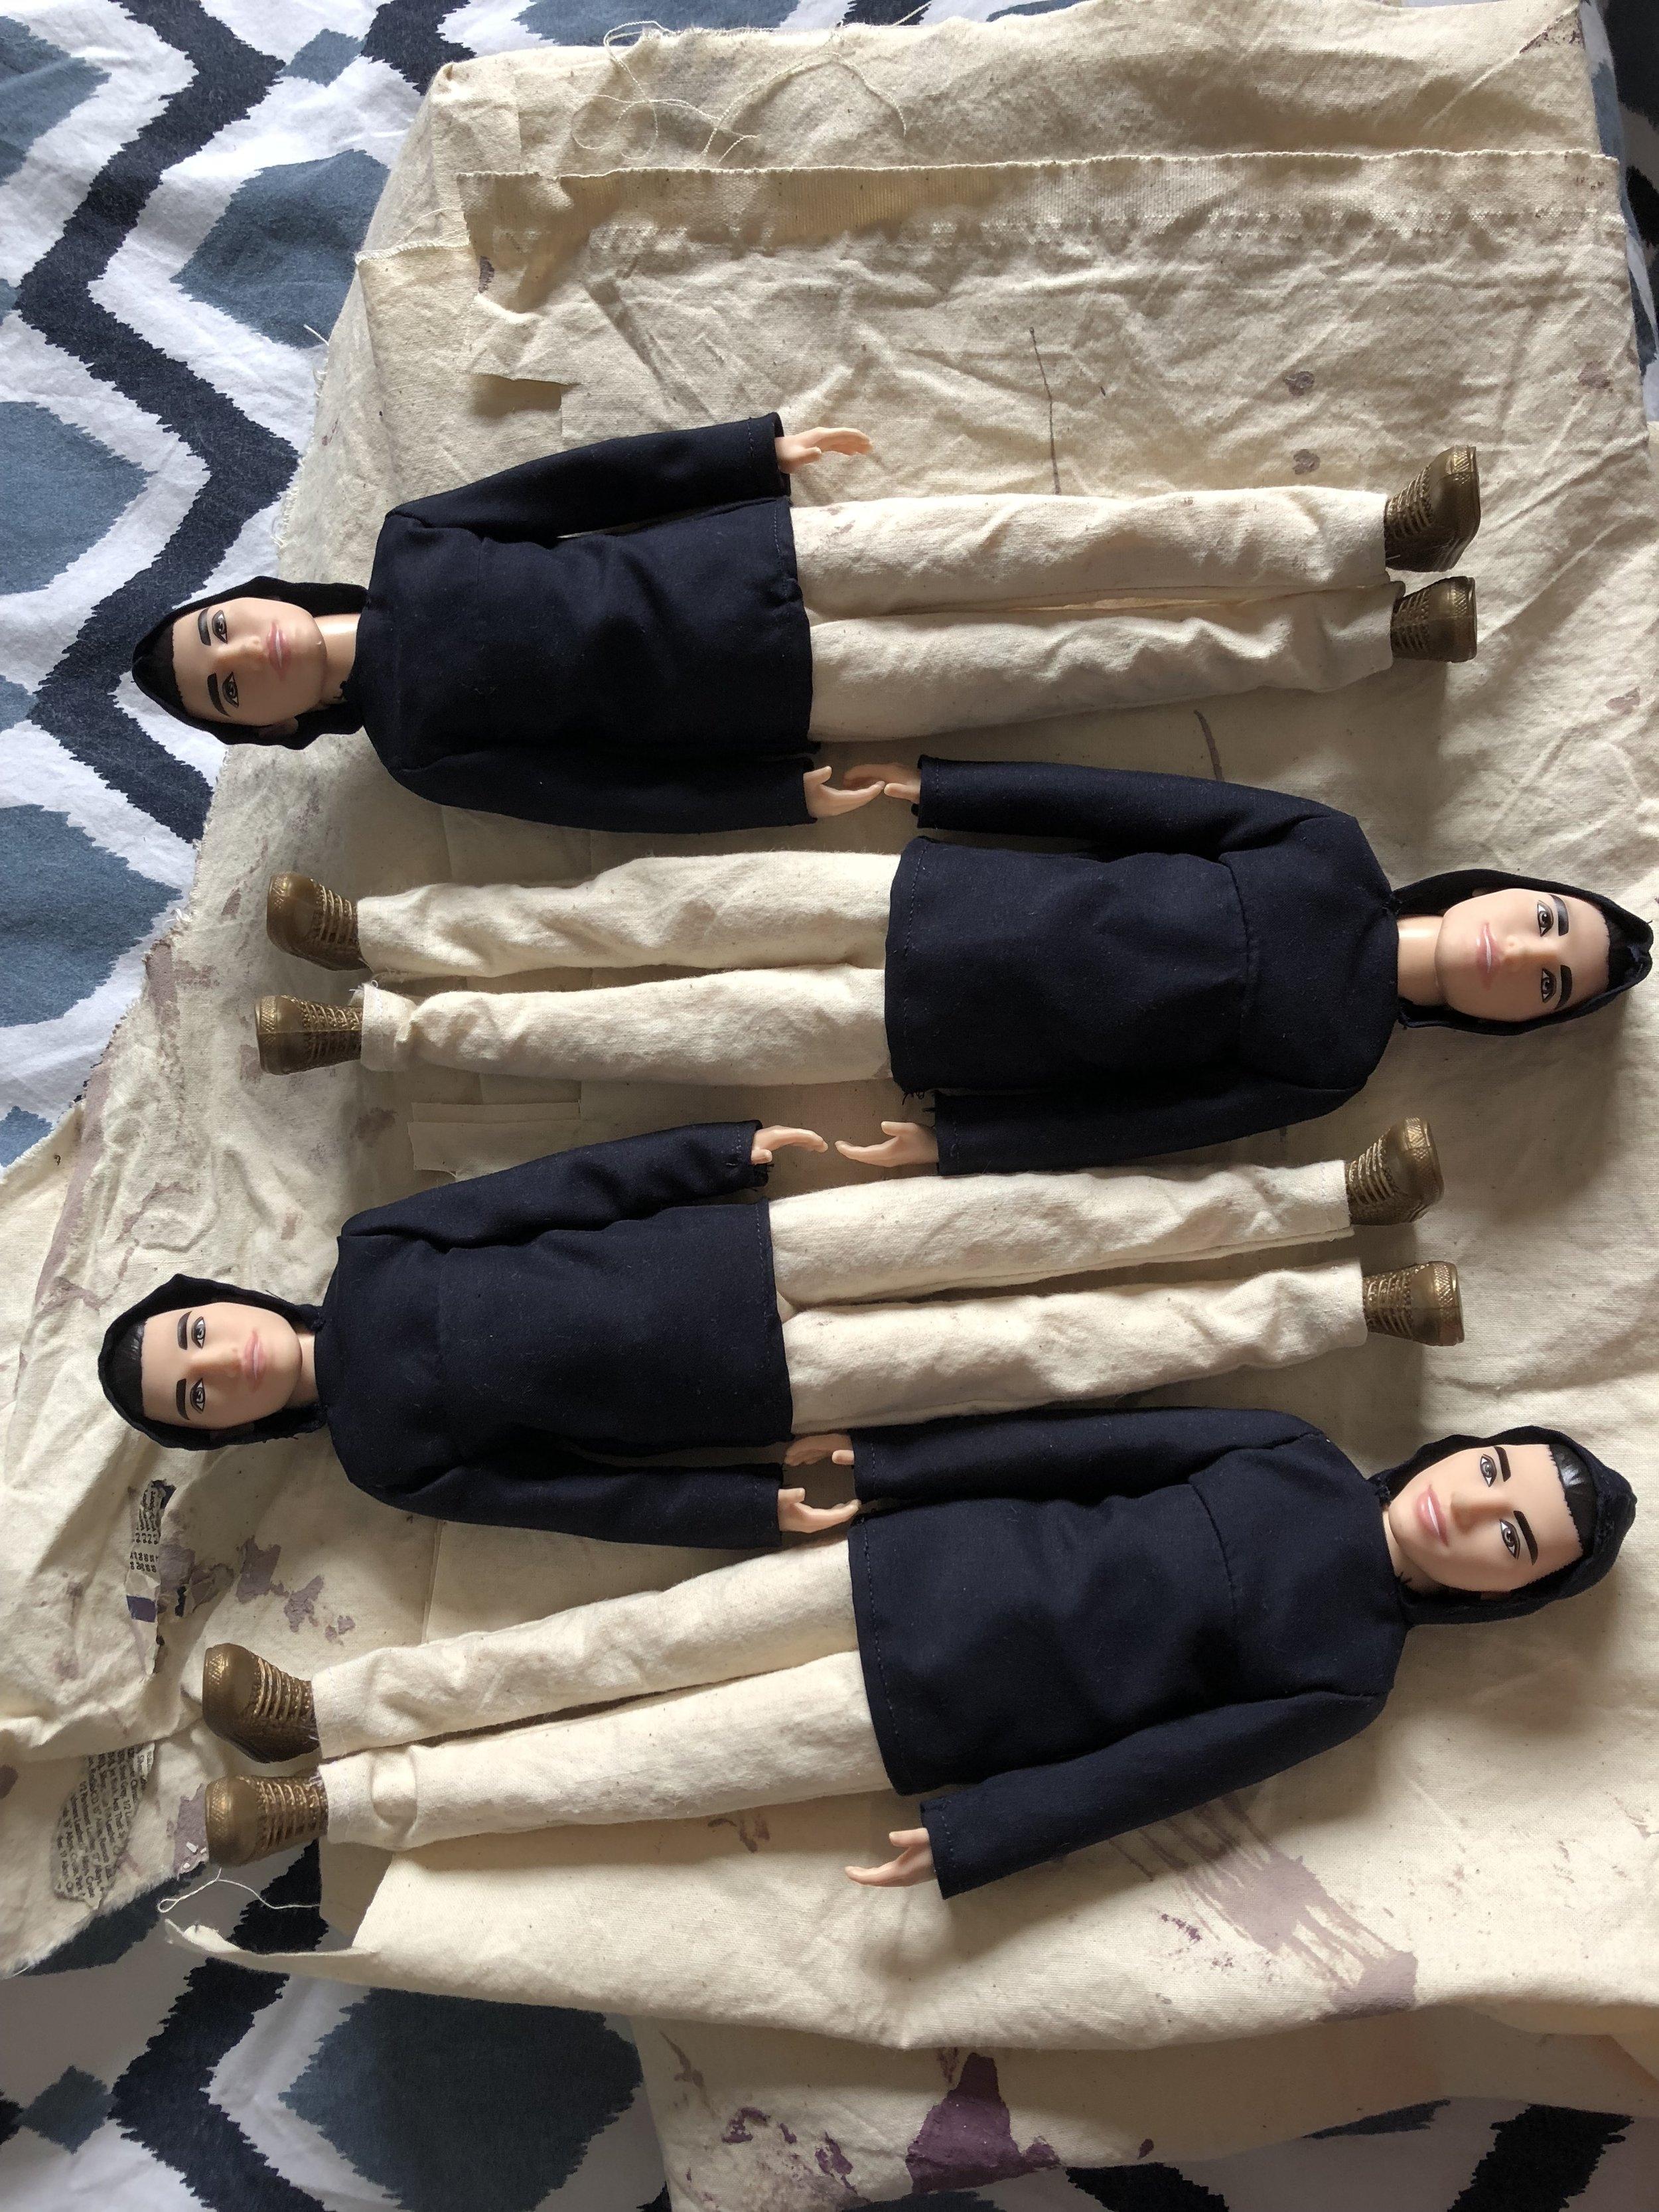 4 times a Ken doll